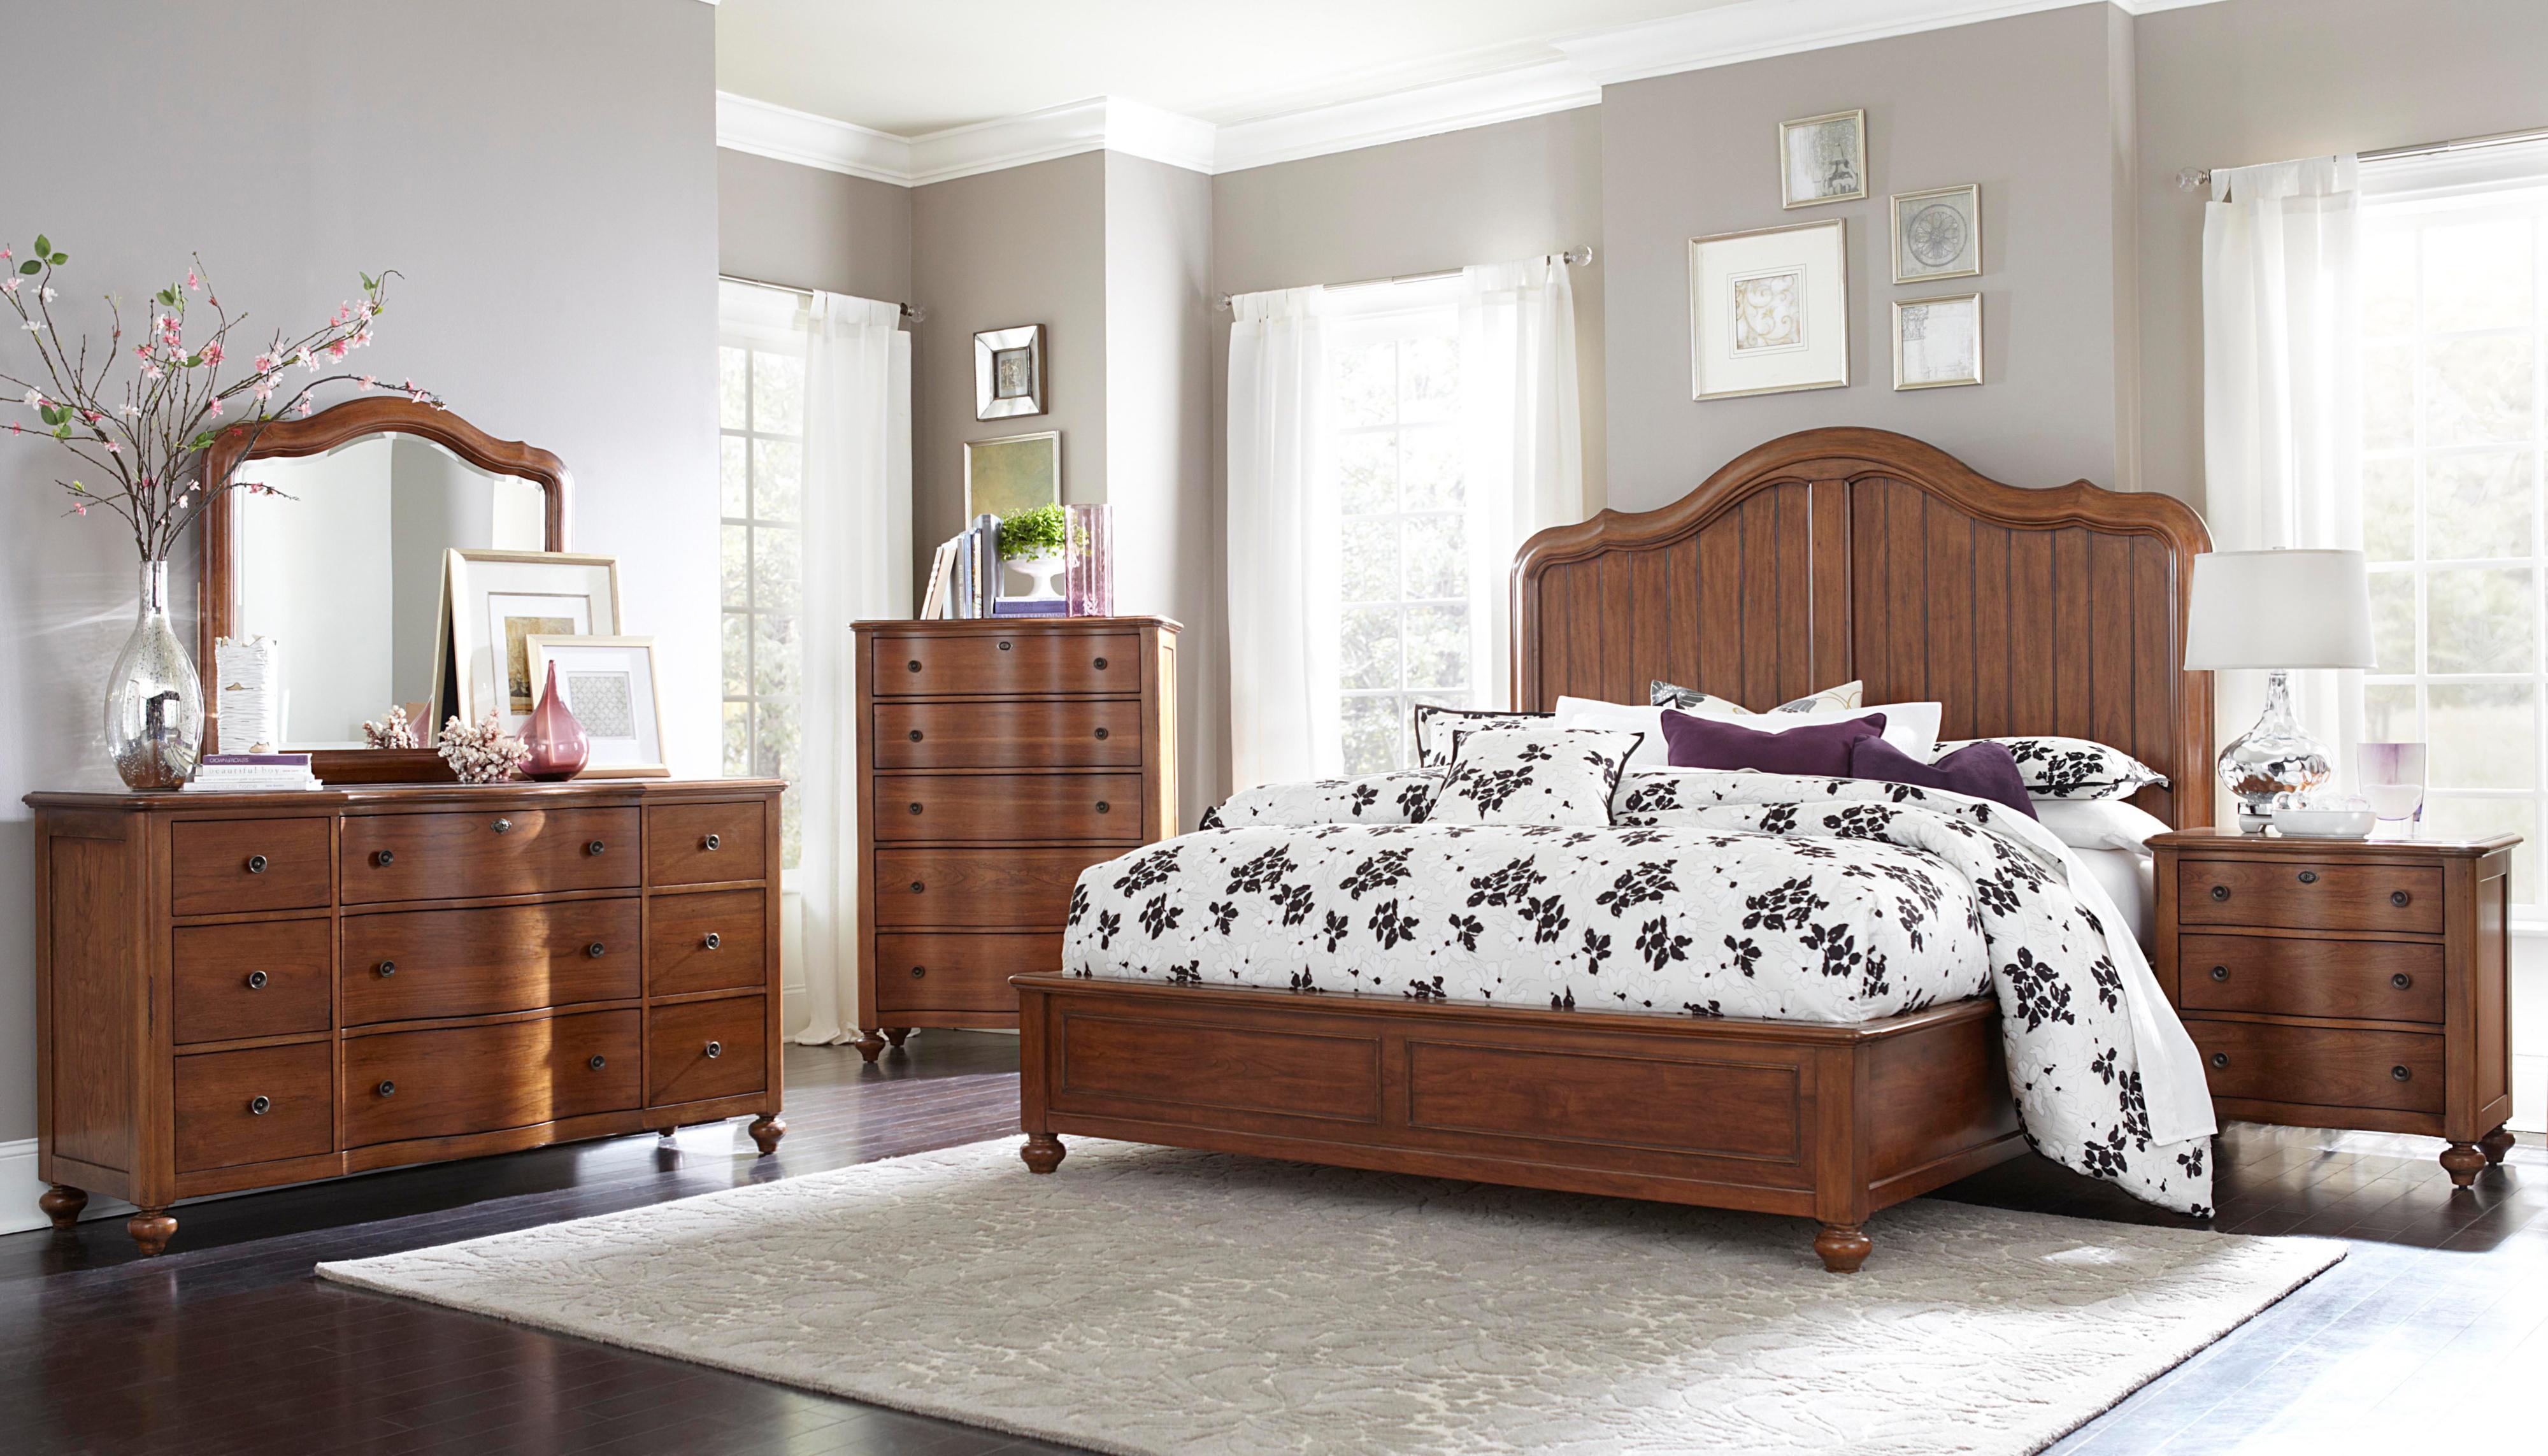 Broyhill Furniture Creswell Queen Bedroom Group - AHFA - Bedroom ...